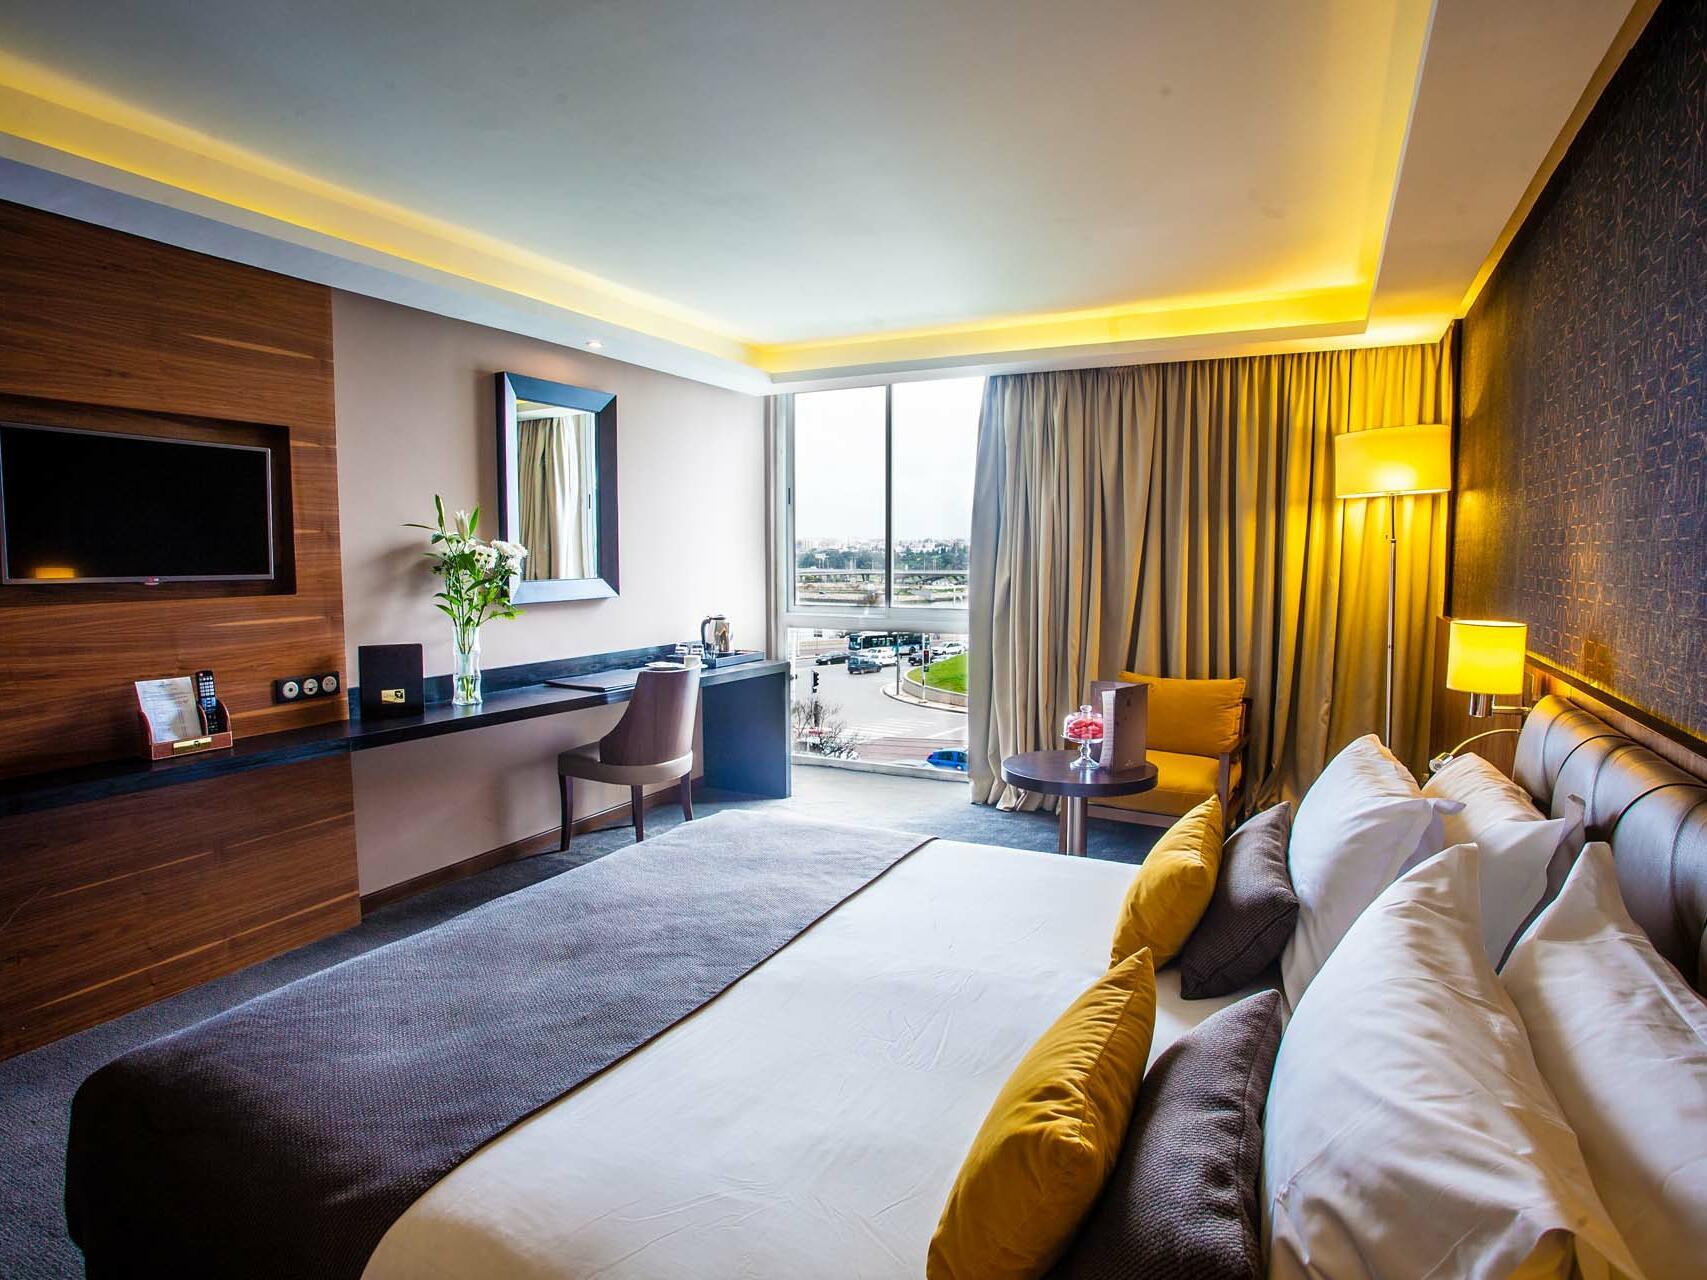 Comfy Bedroom - Farah Rabat Hotel